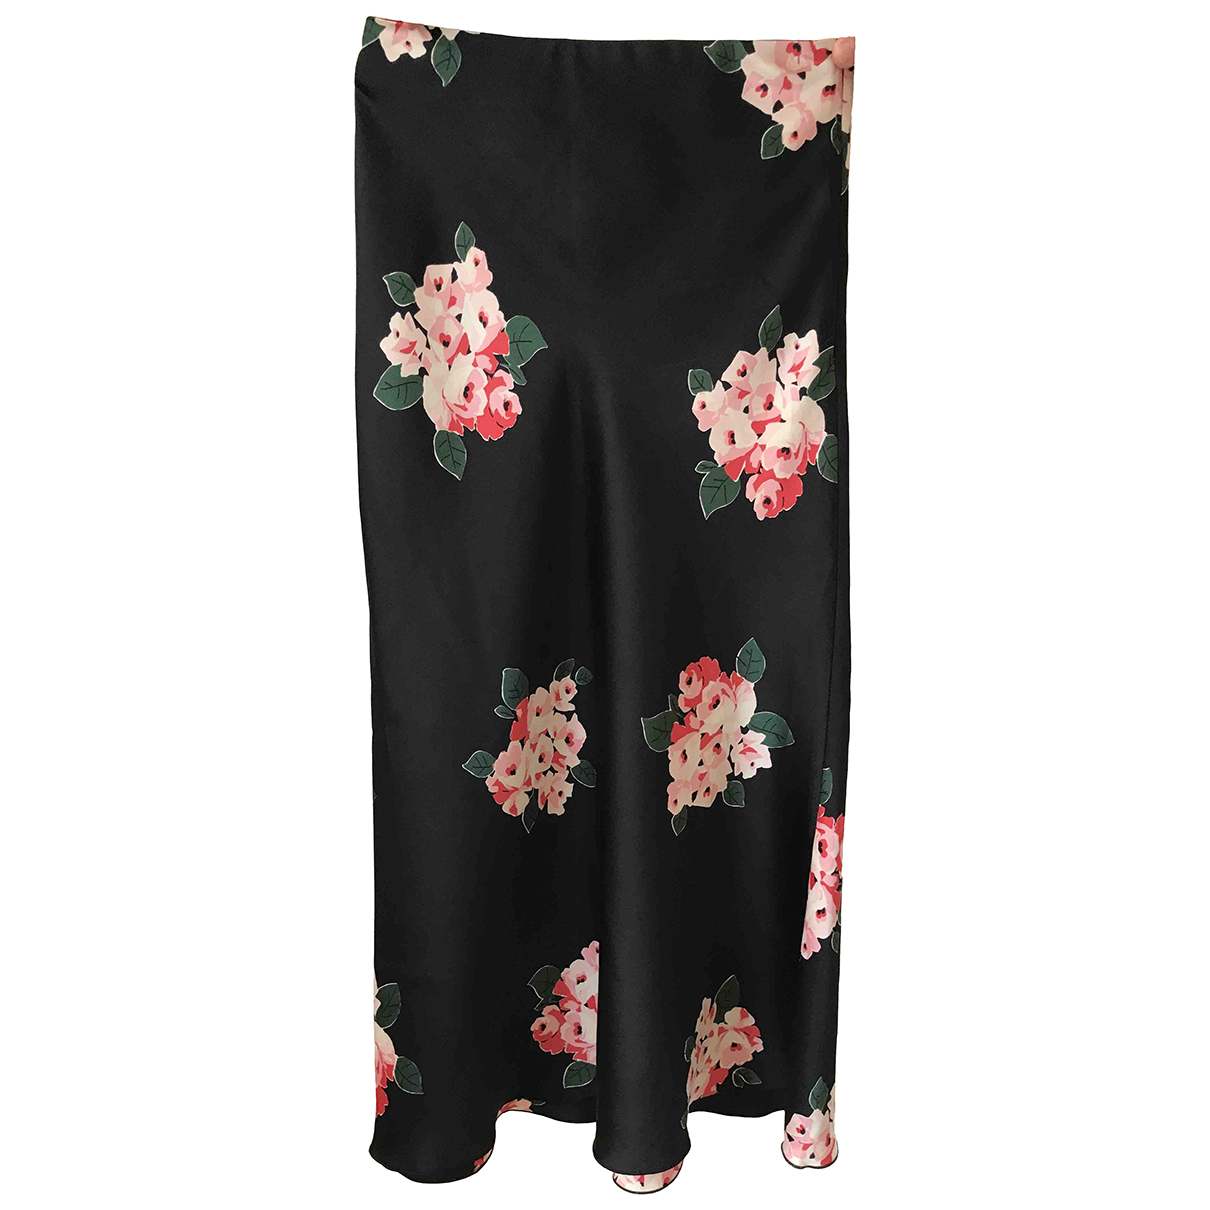 Arket \N Black skirt for Women 36 FR